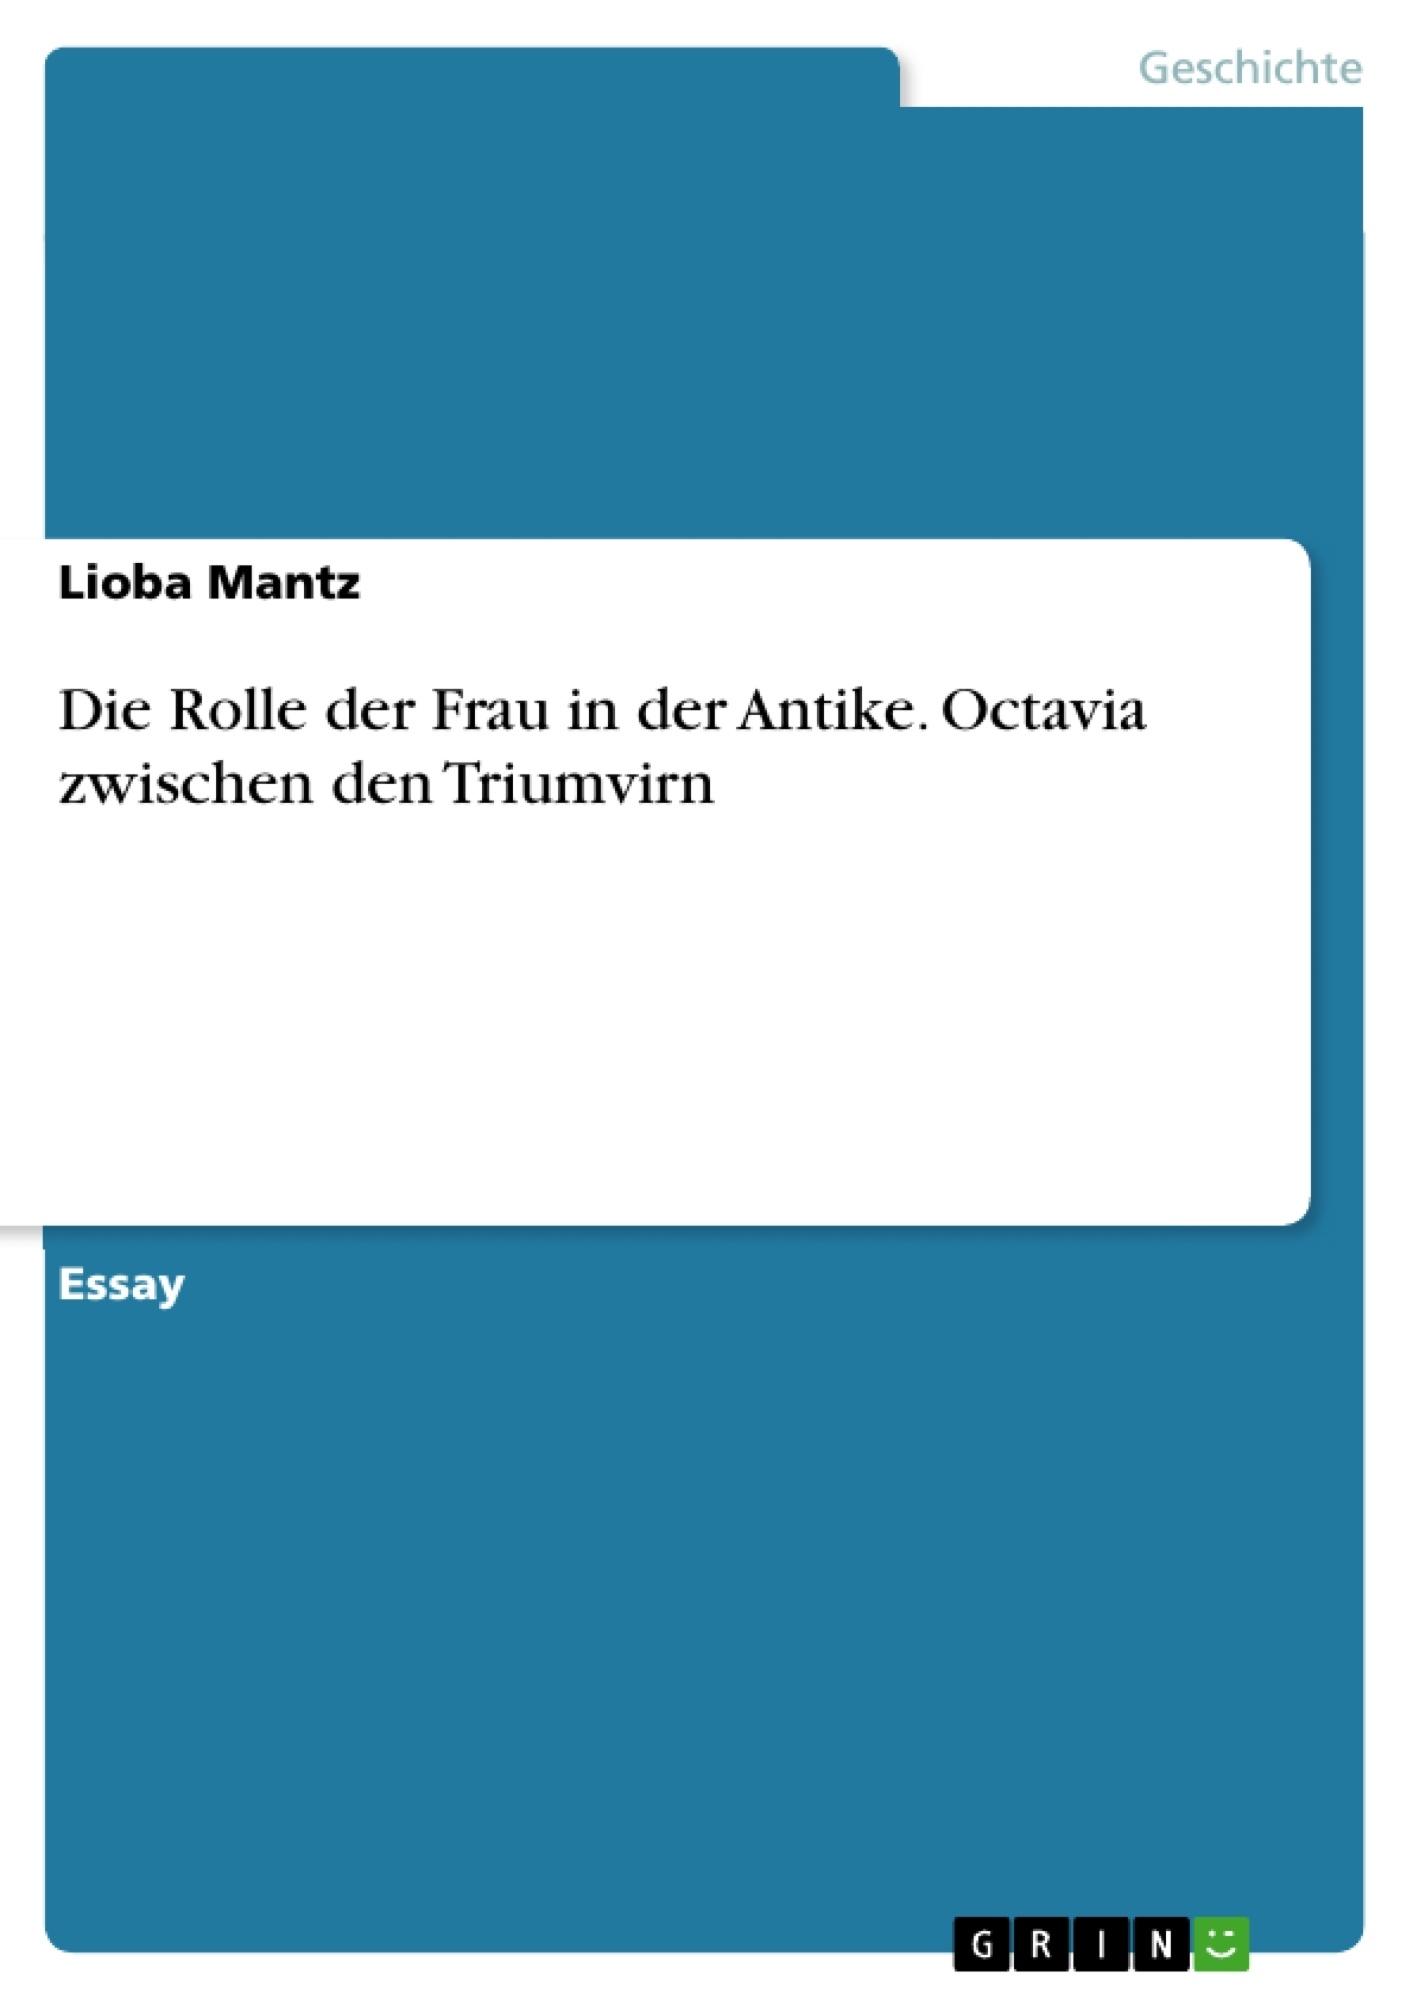 Titel: Die Rolle der Frau in der Antike. Octavia zwischen den Triumvirn